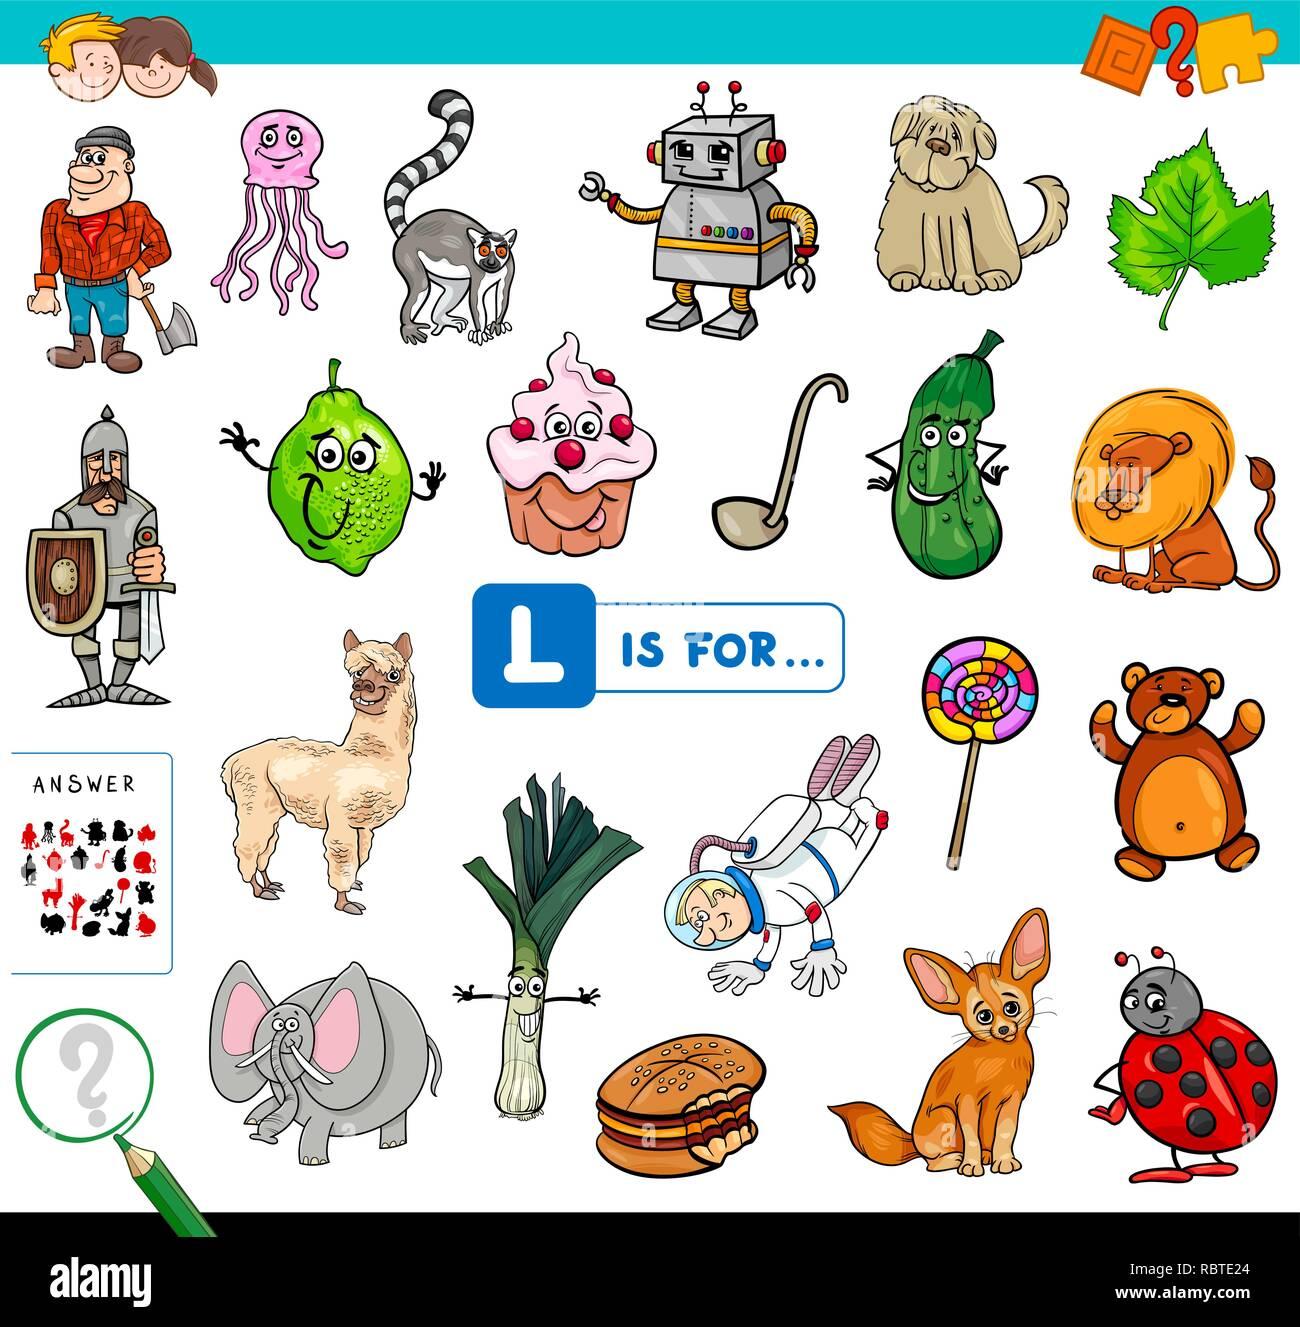 Ilustración De Dibujos Animados De Encontrar La Imagen Que Empiezan